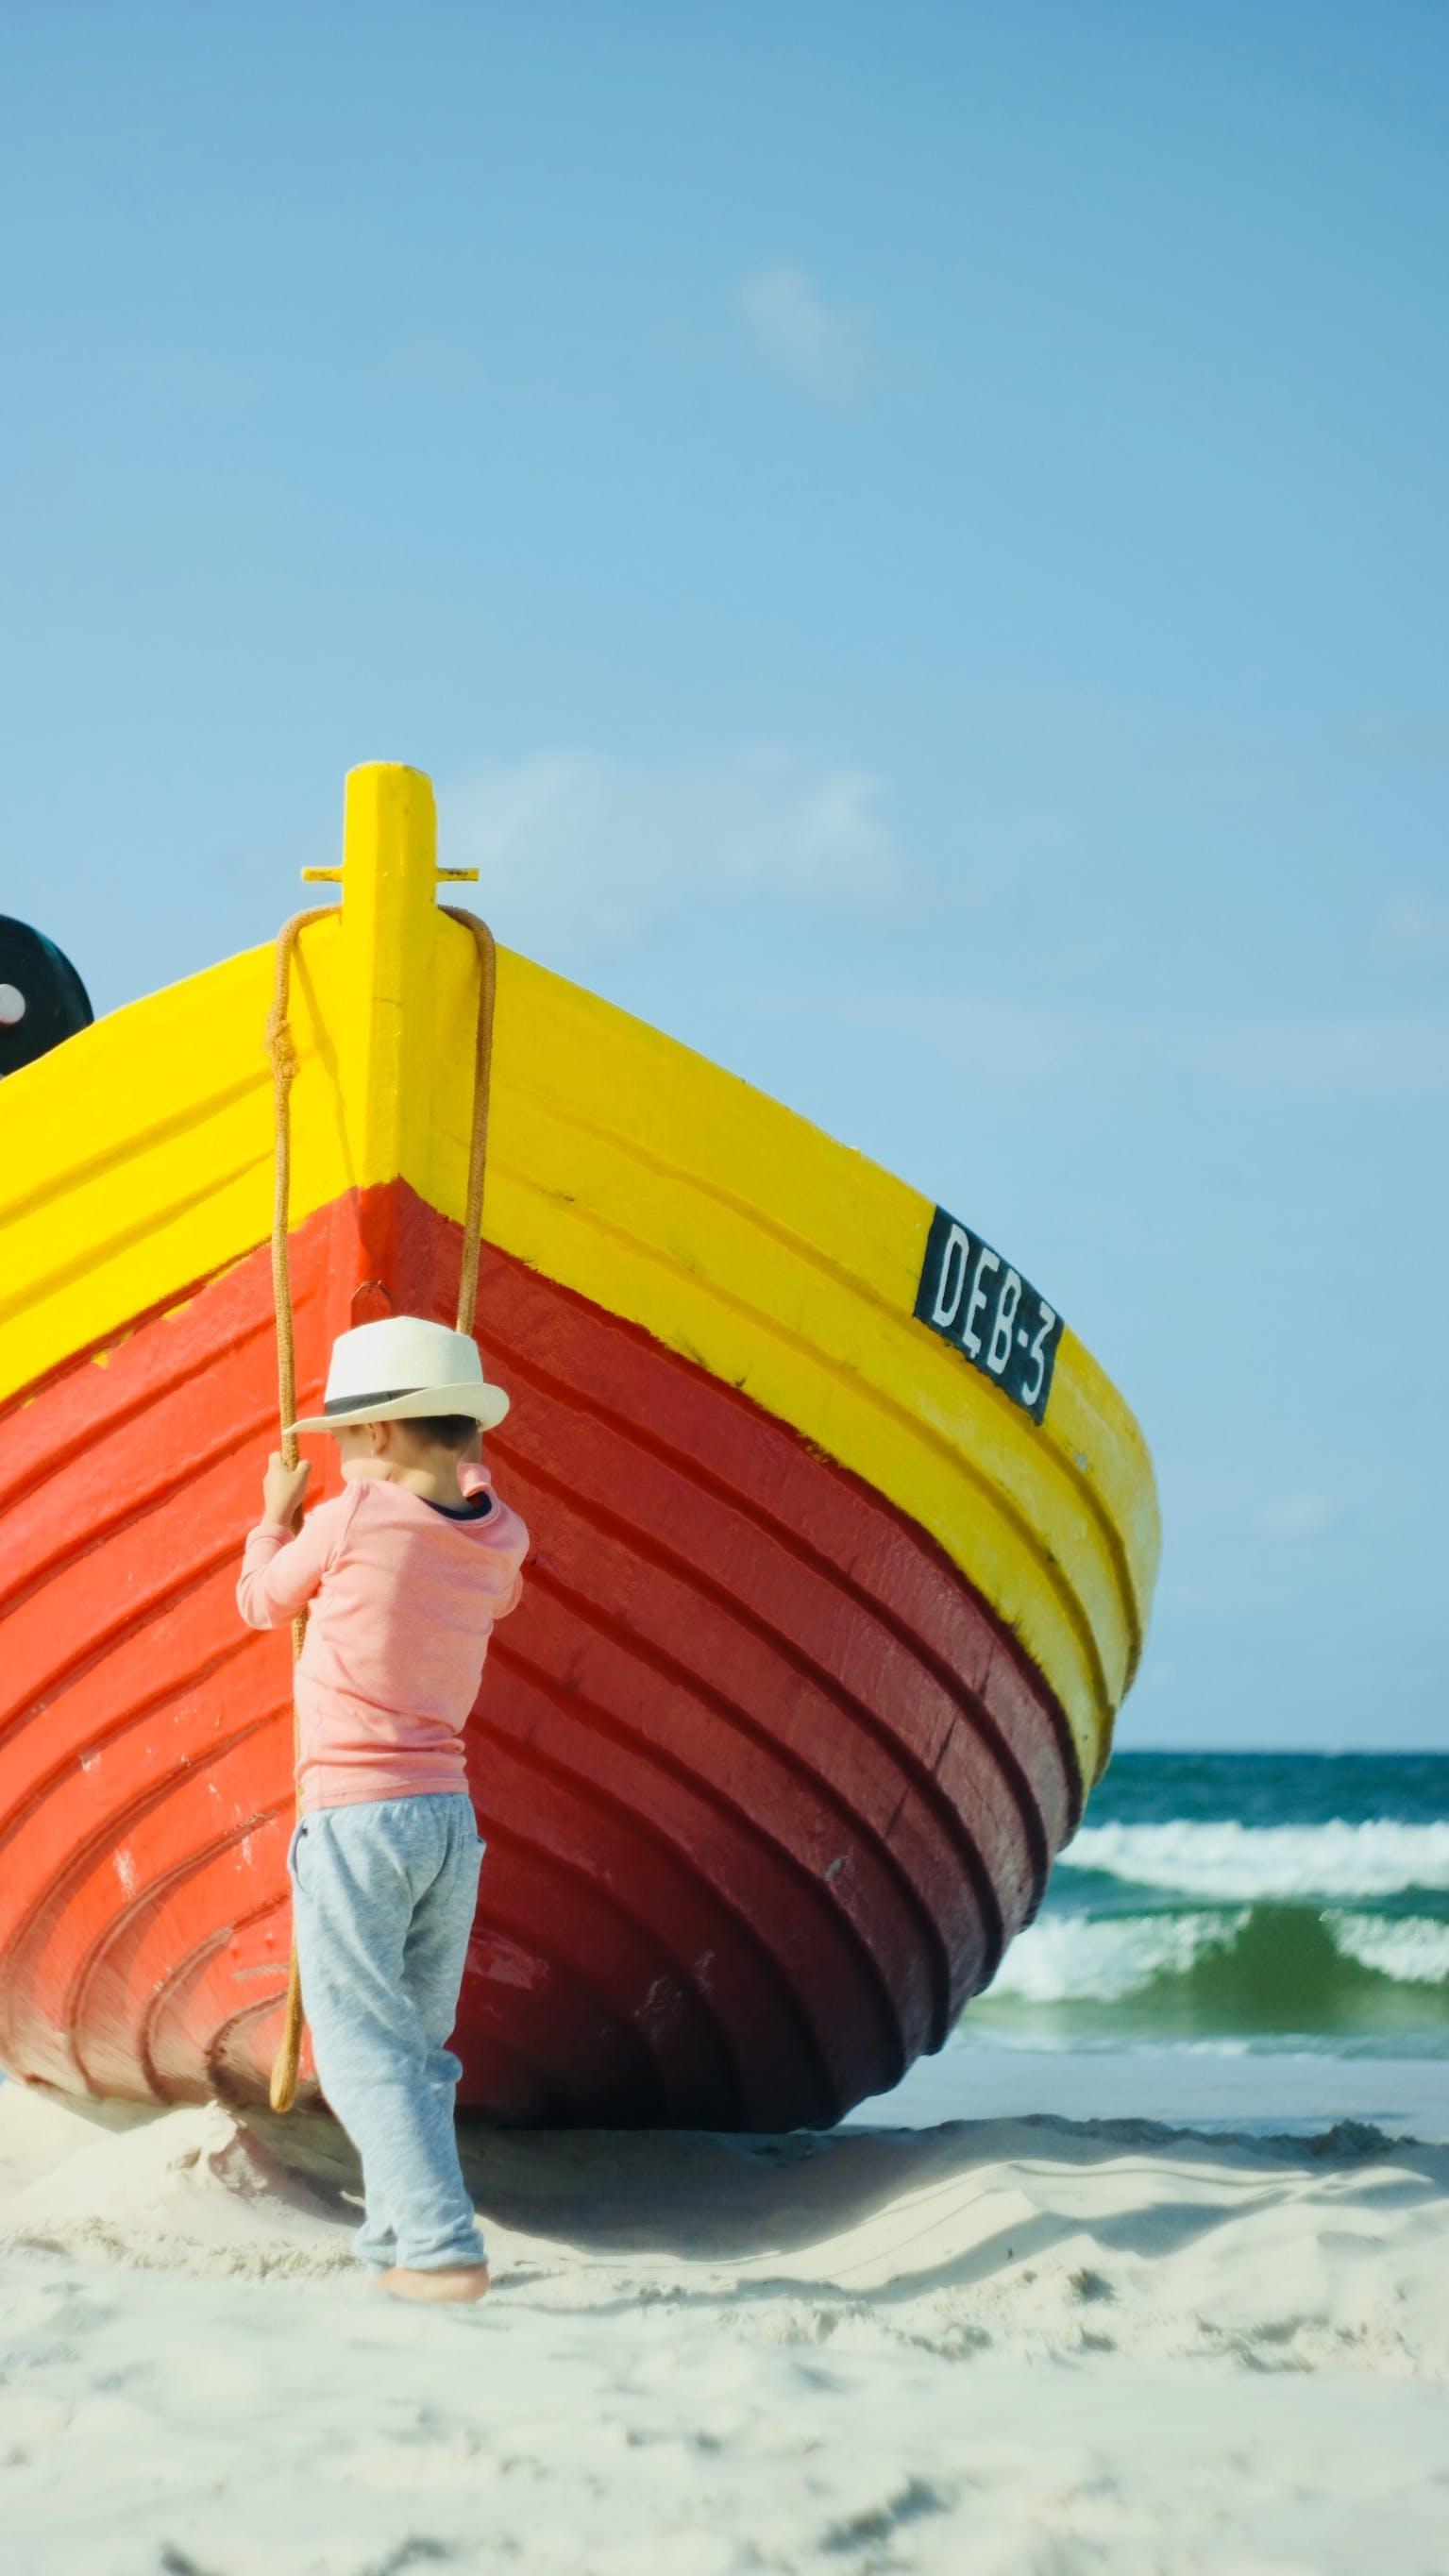 Free stock photo of beach, coast, holiday, kid